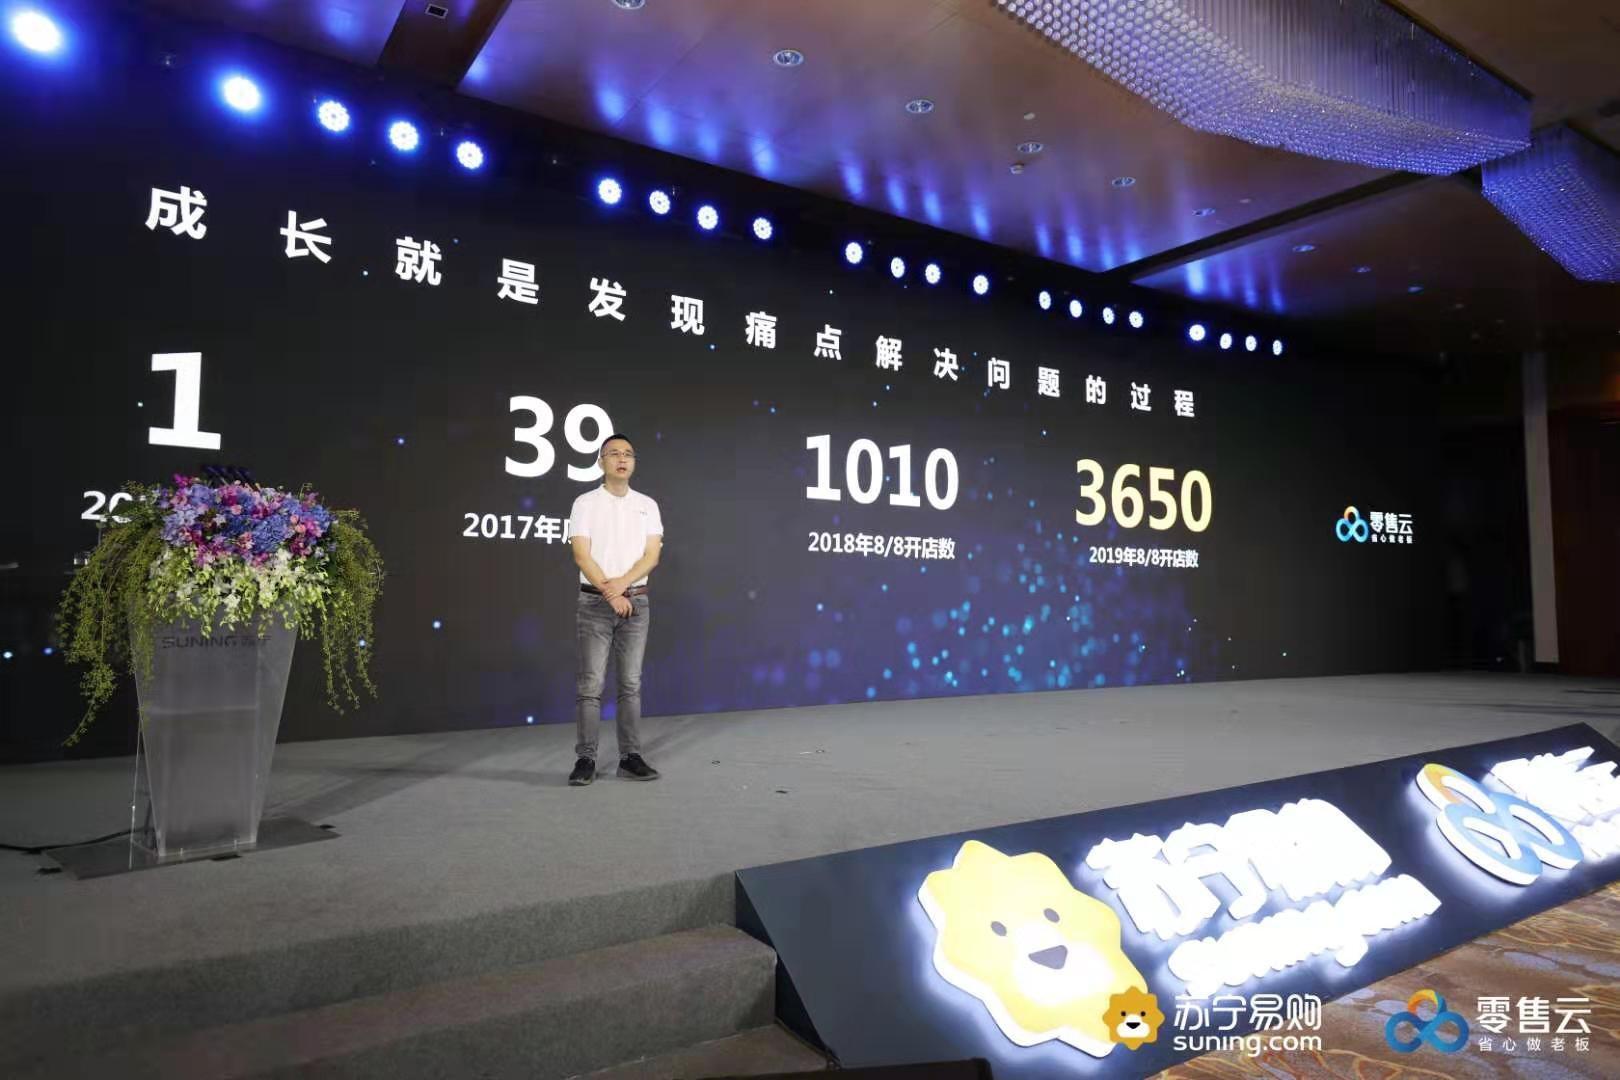 下沉市場加速 蘇寧零售云門店2021年將開至12000家